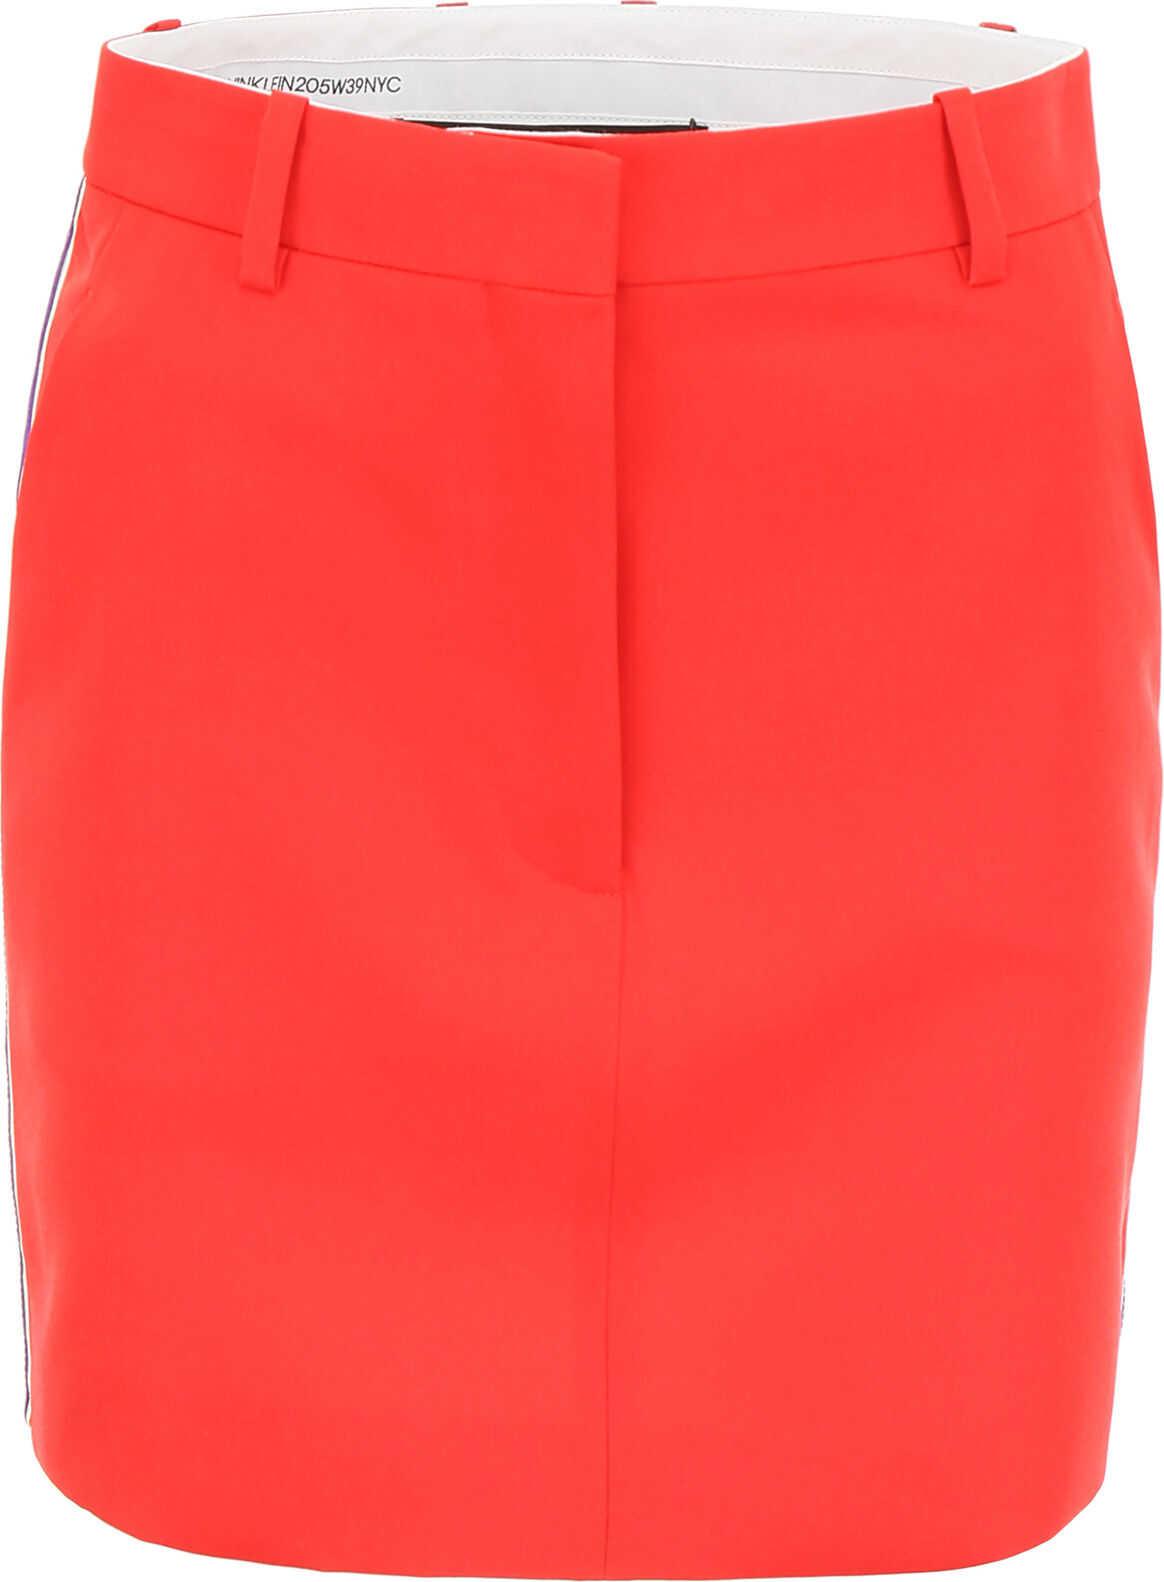 Calvin Klein 205W39NYC Mini Skirt RED